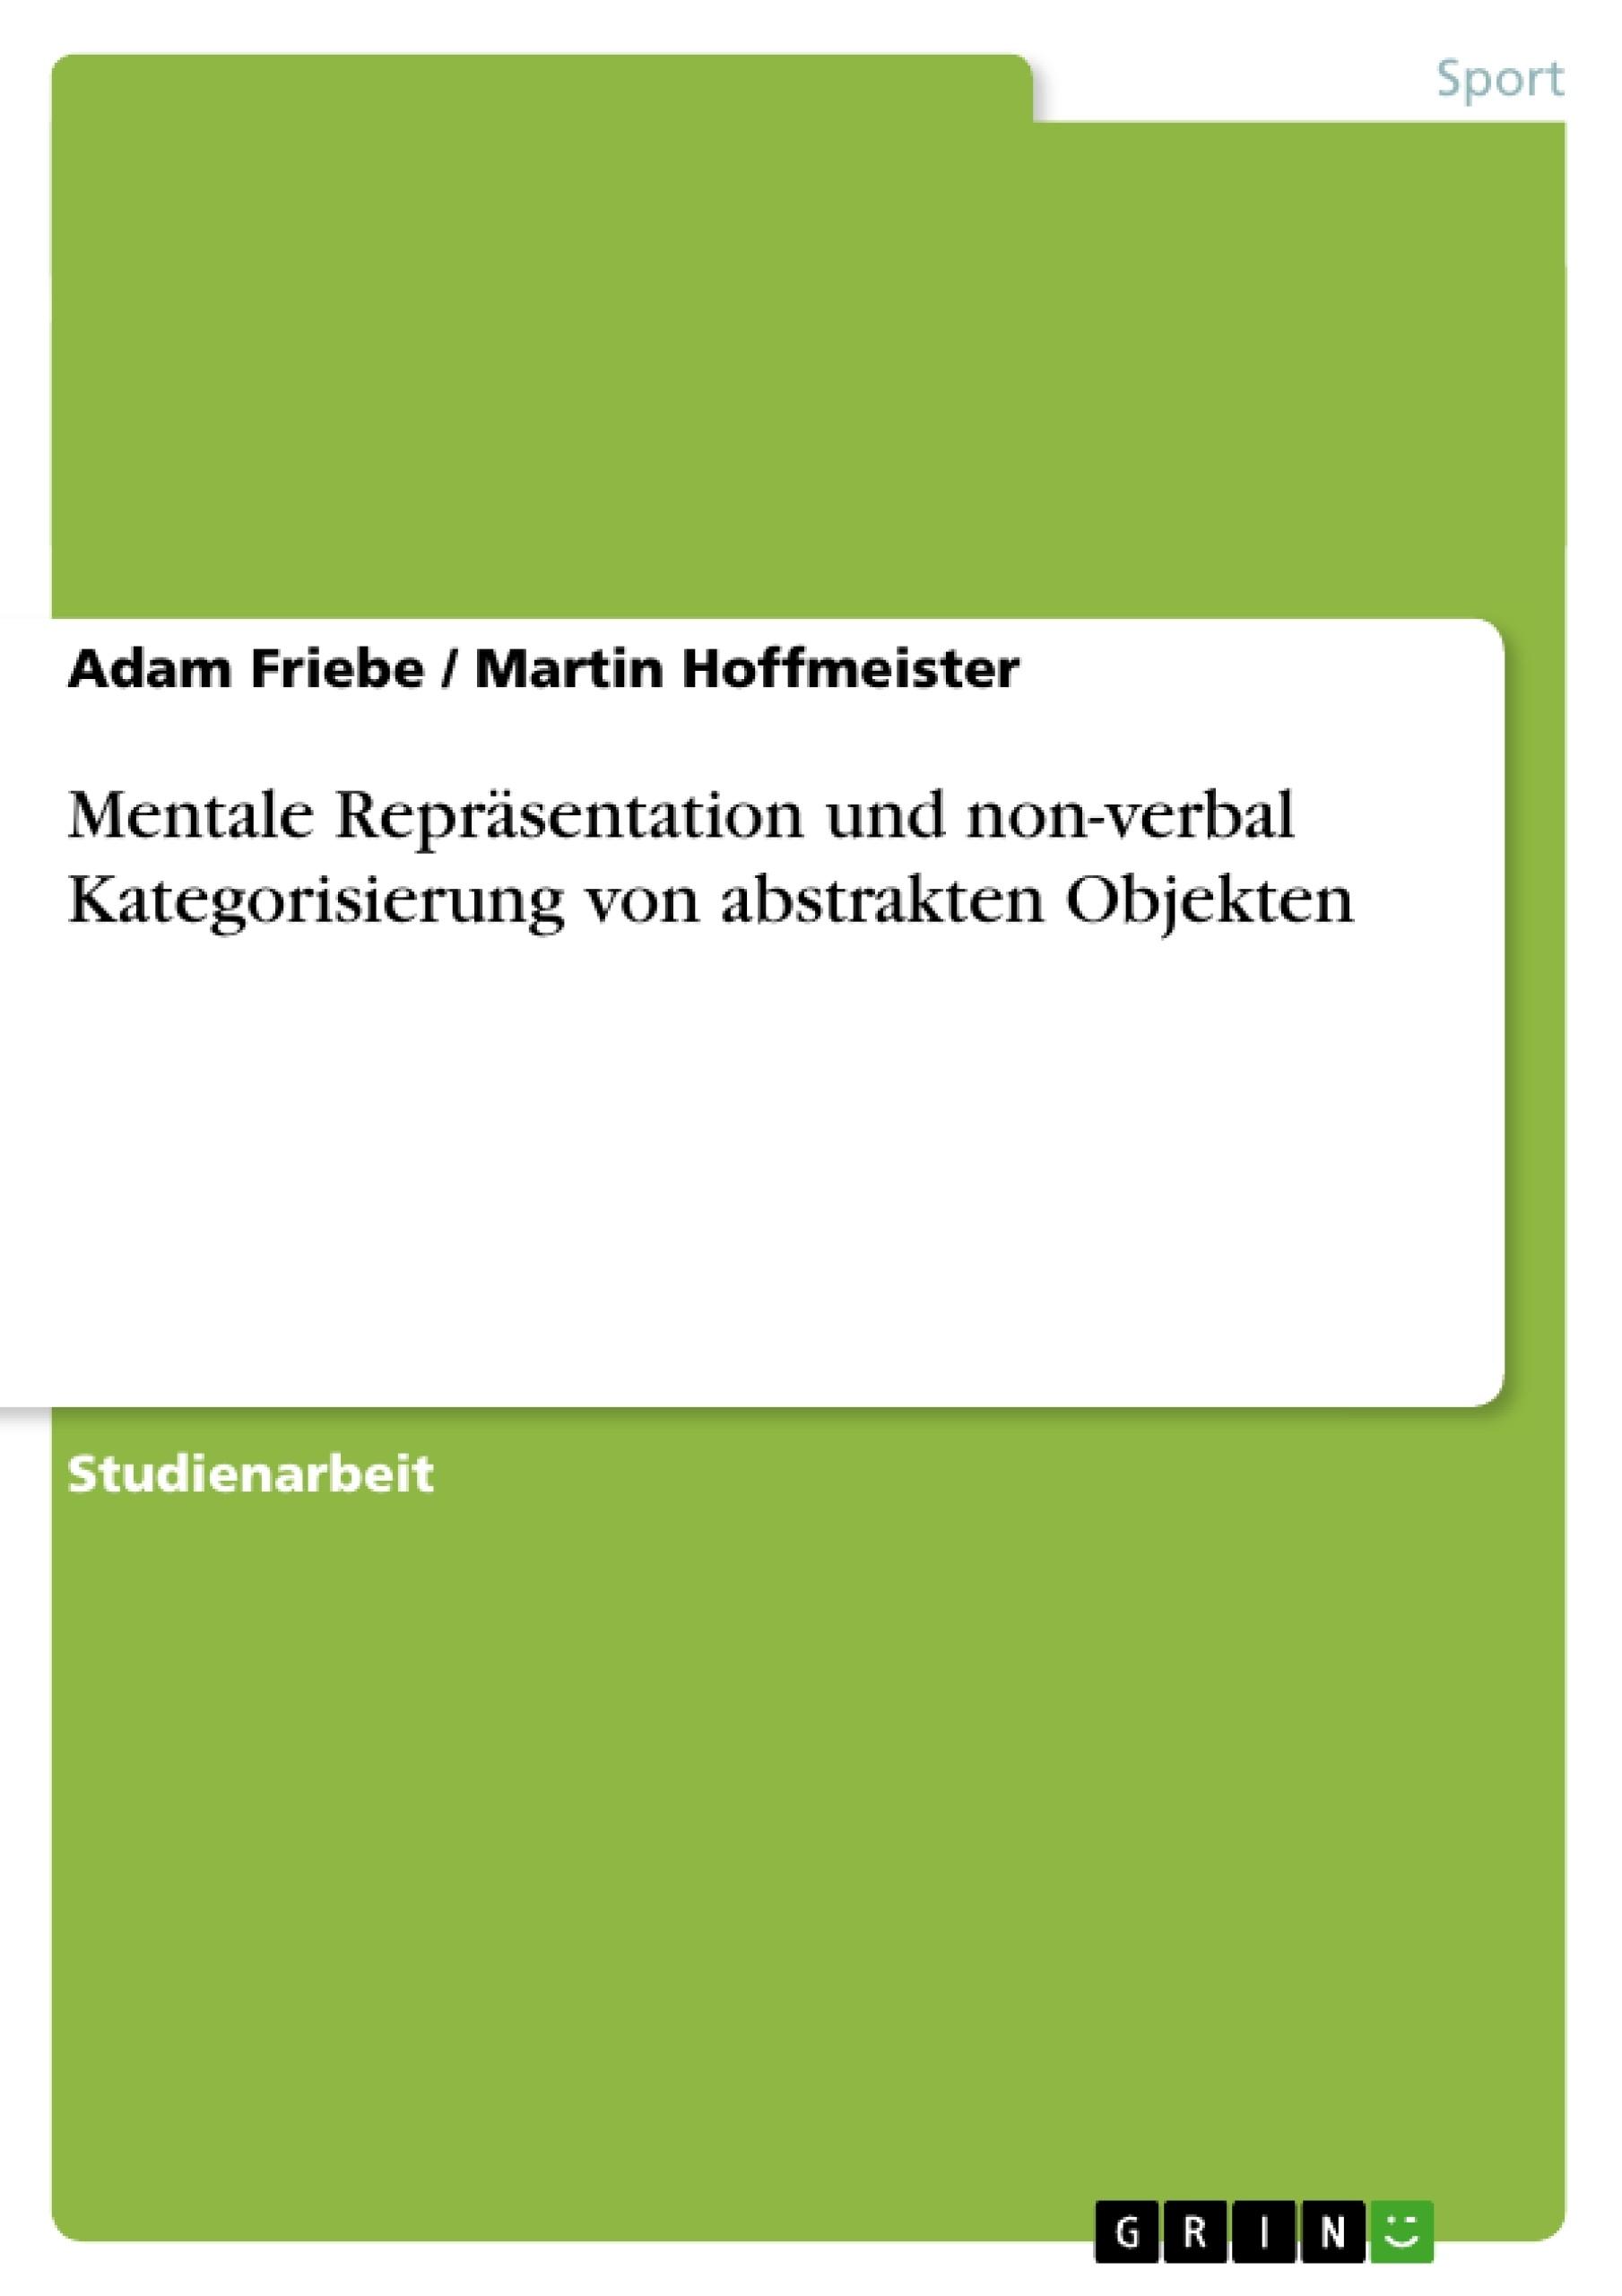 Titel: Mentale Repräsentation und non-verbal Kategorisierung von abstrakten Objekten